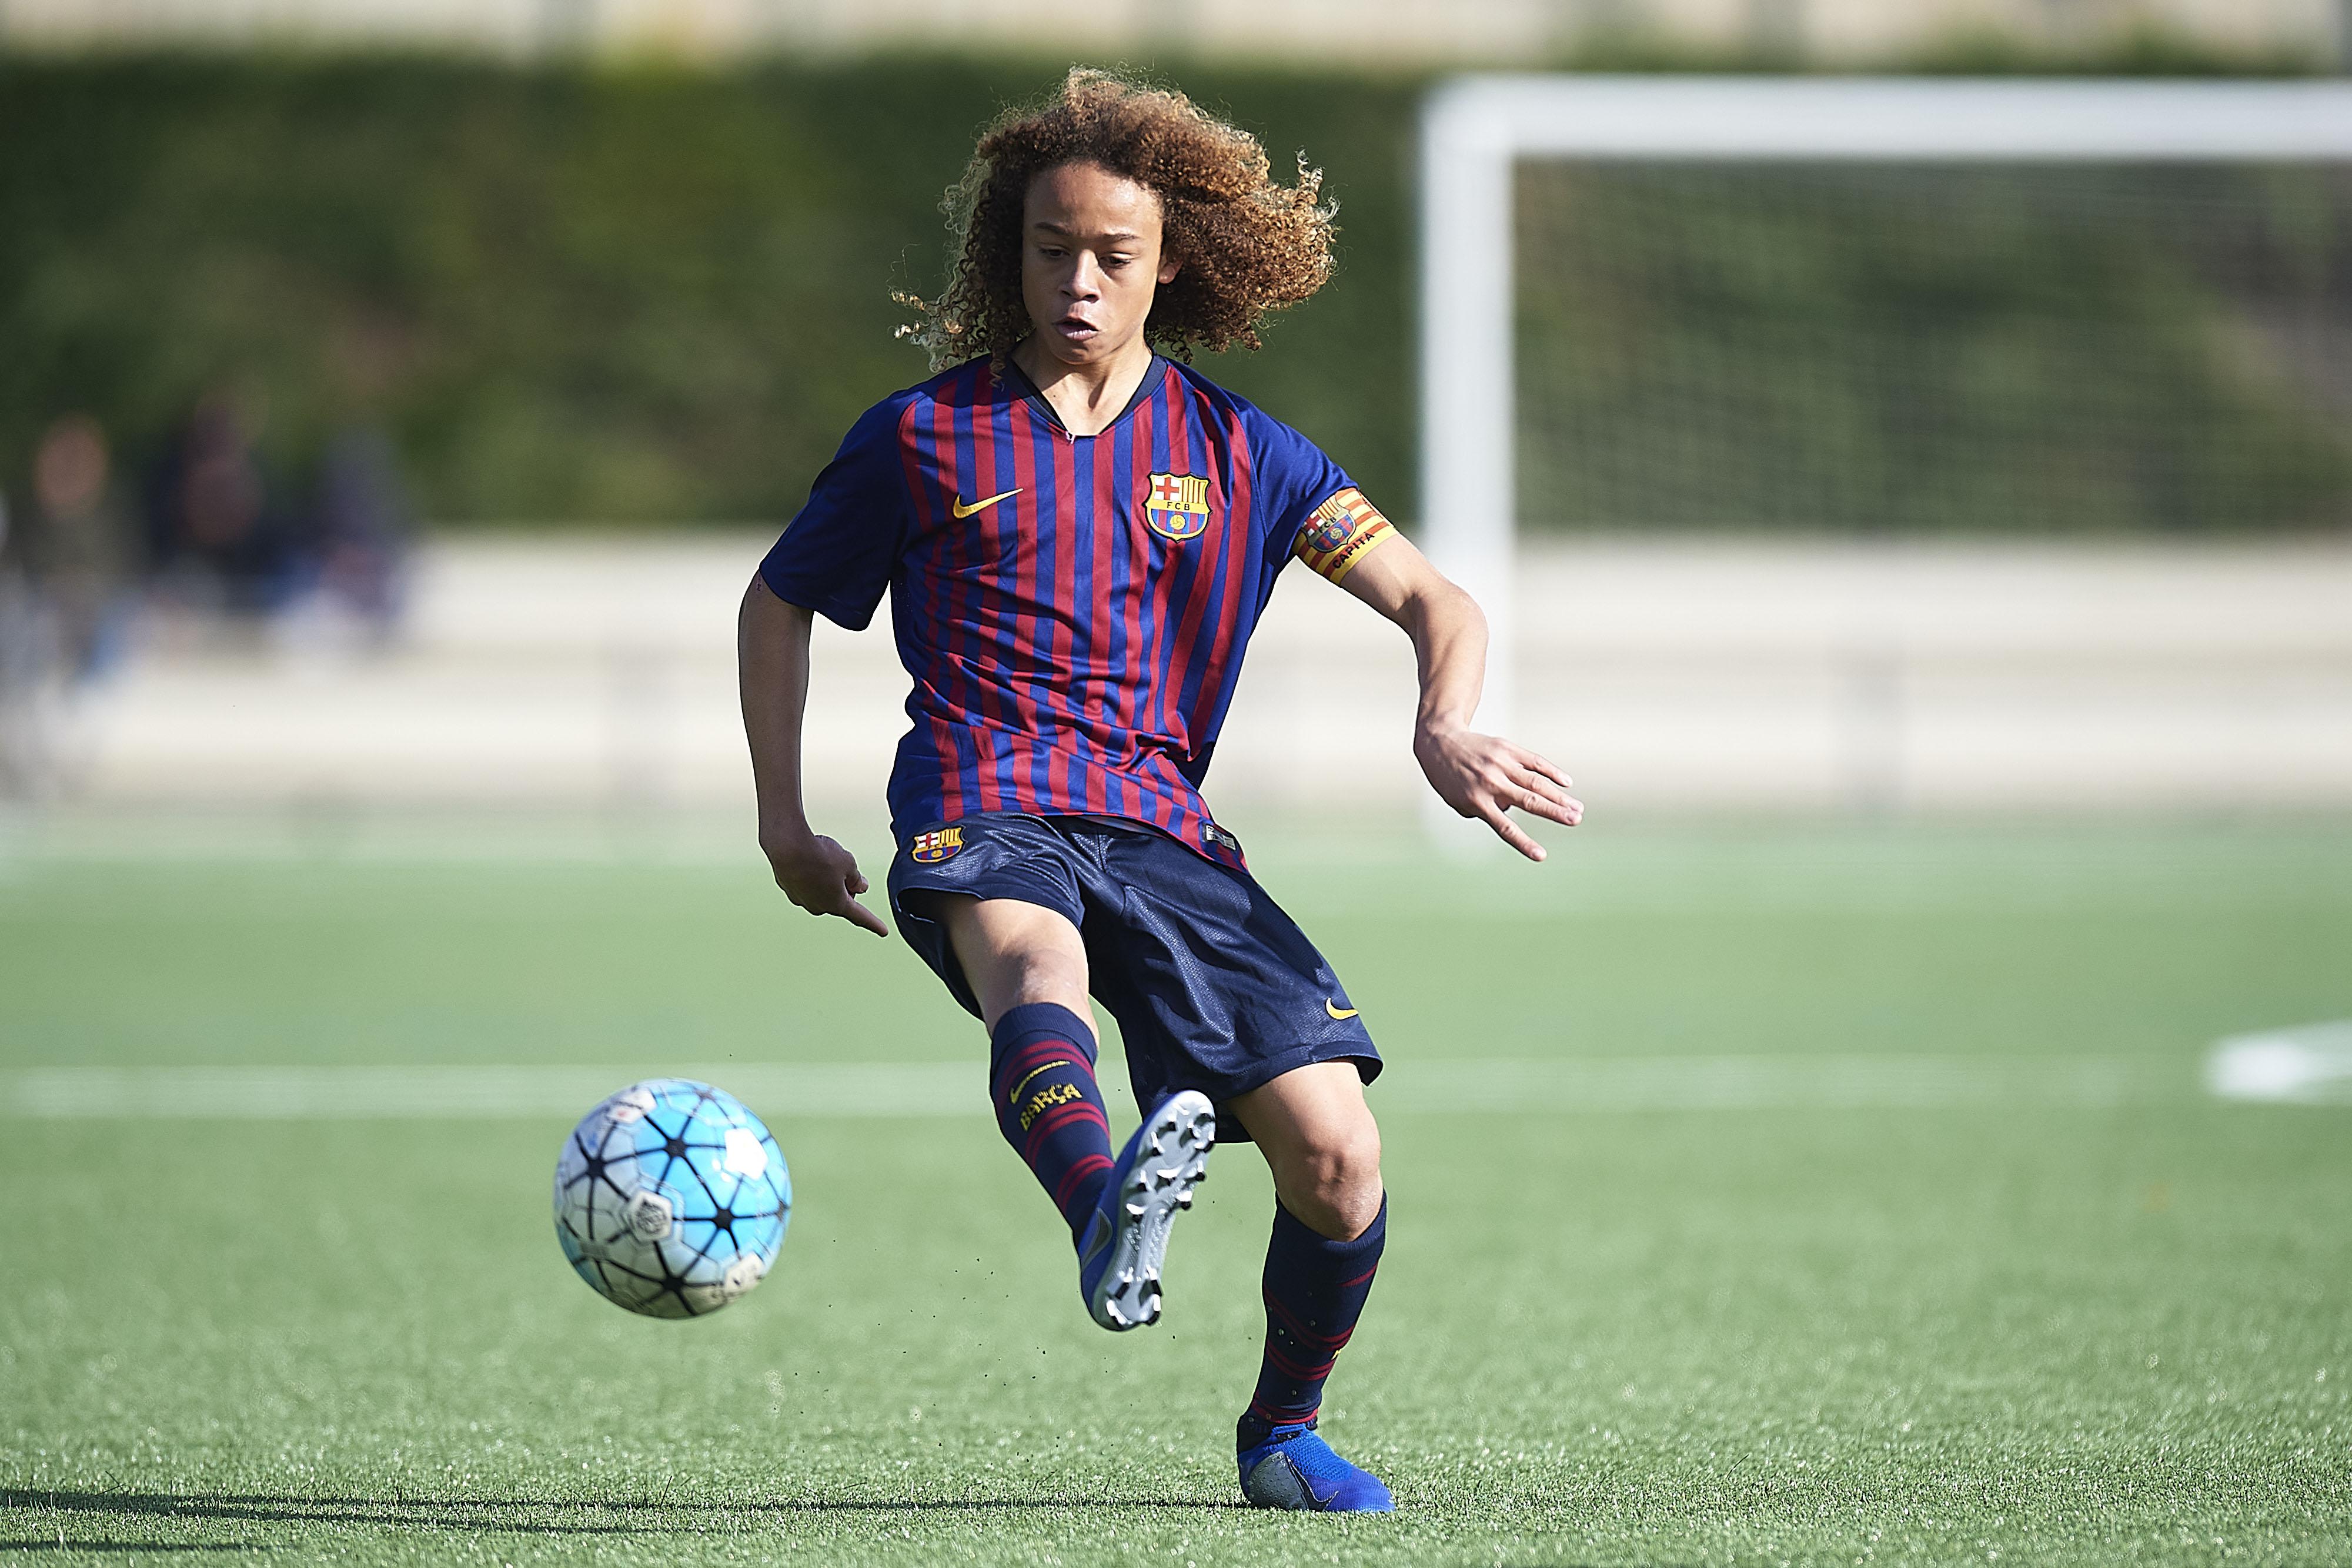 Football - Transferts - Xavi Simons, qui est le crack de 16 ans que le PSG a chipé au Barça ?